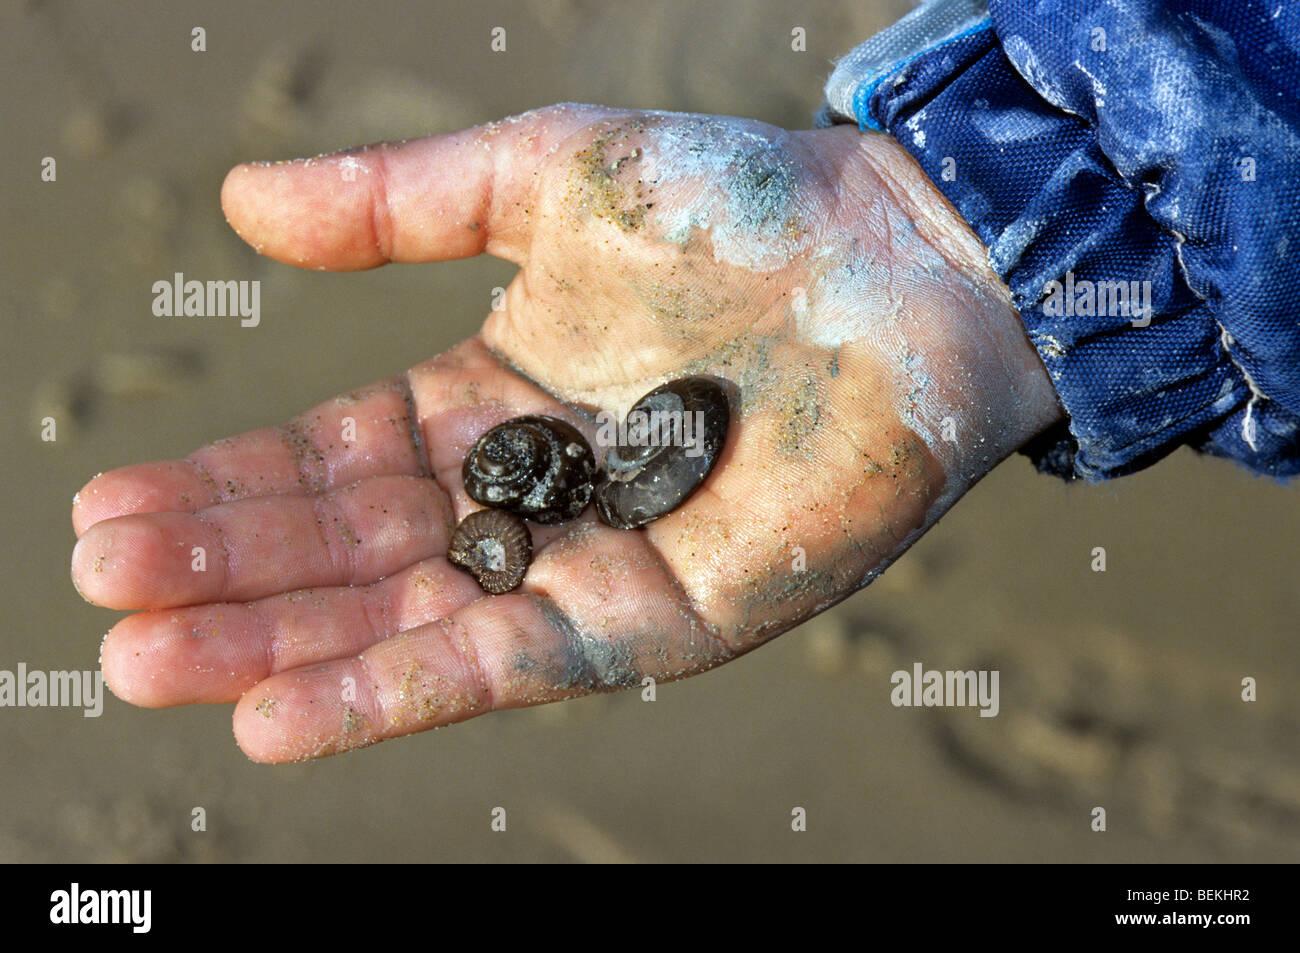 Fossiles d'ammonites fossilisées dans la main, Cap Blanc Nez, la Côte d'Opale, France Photo Stock